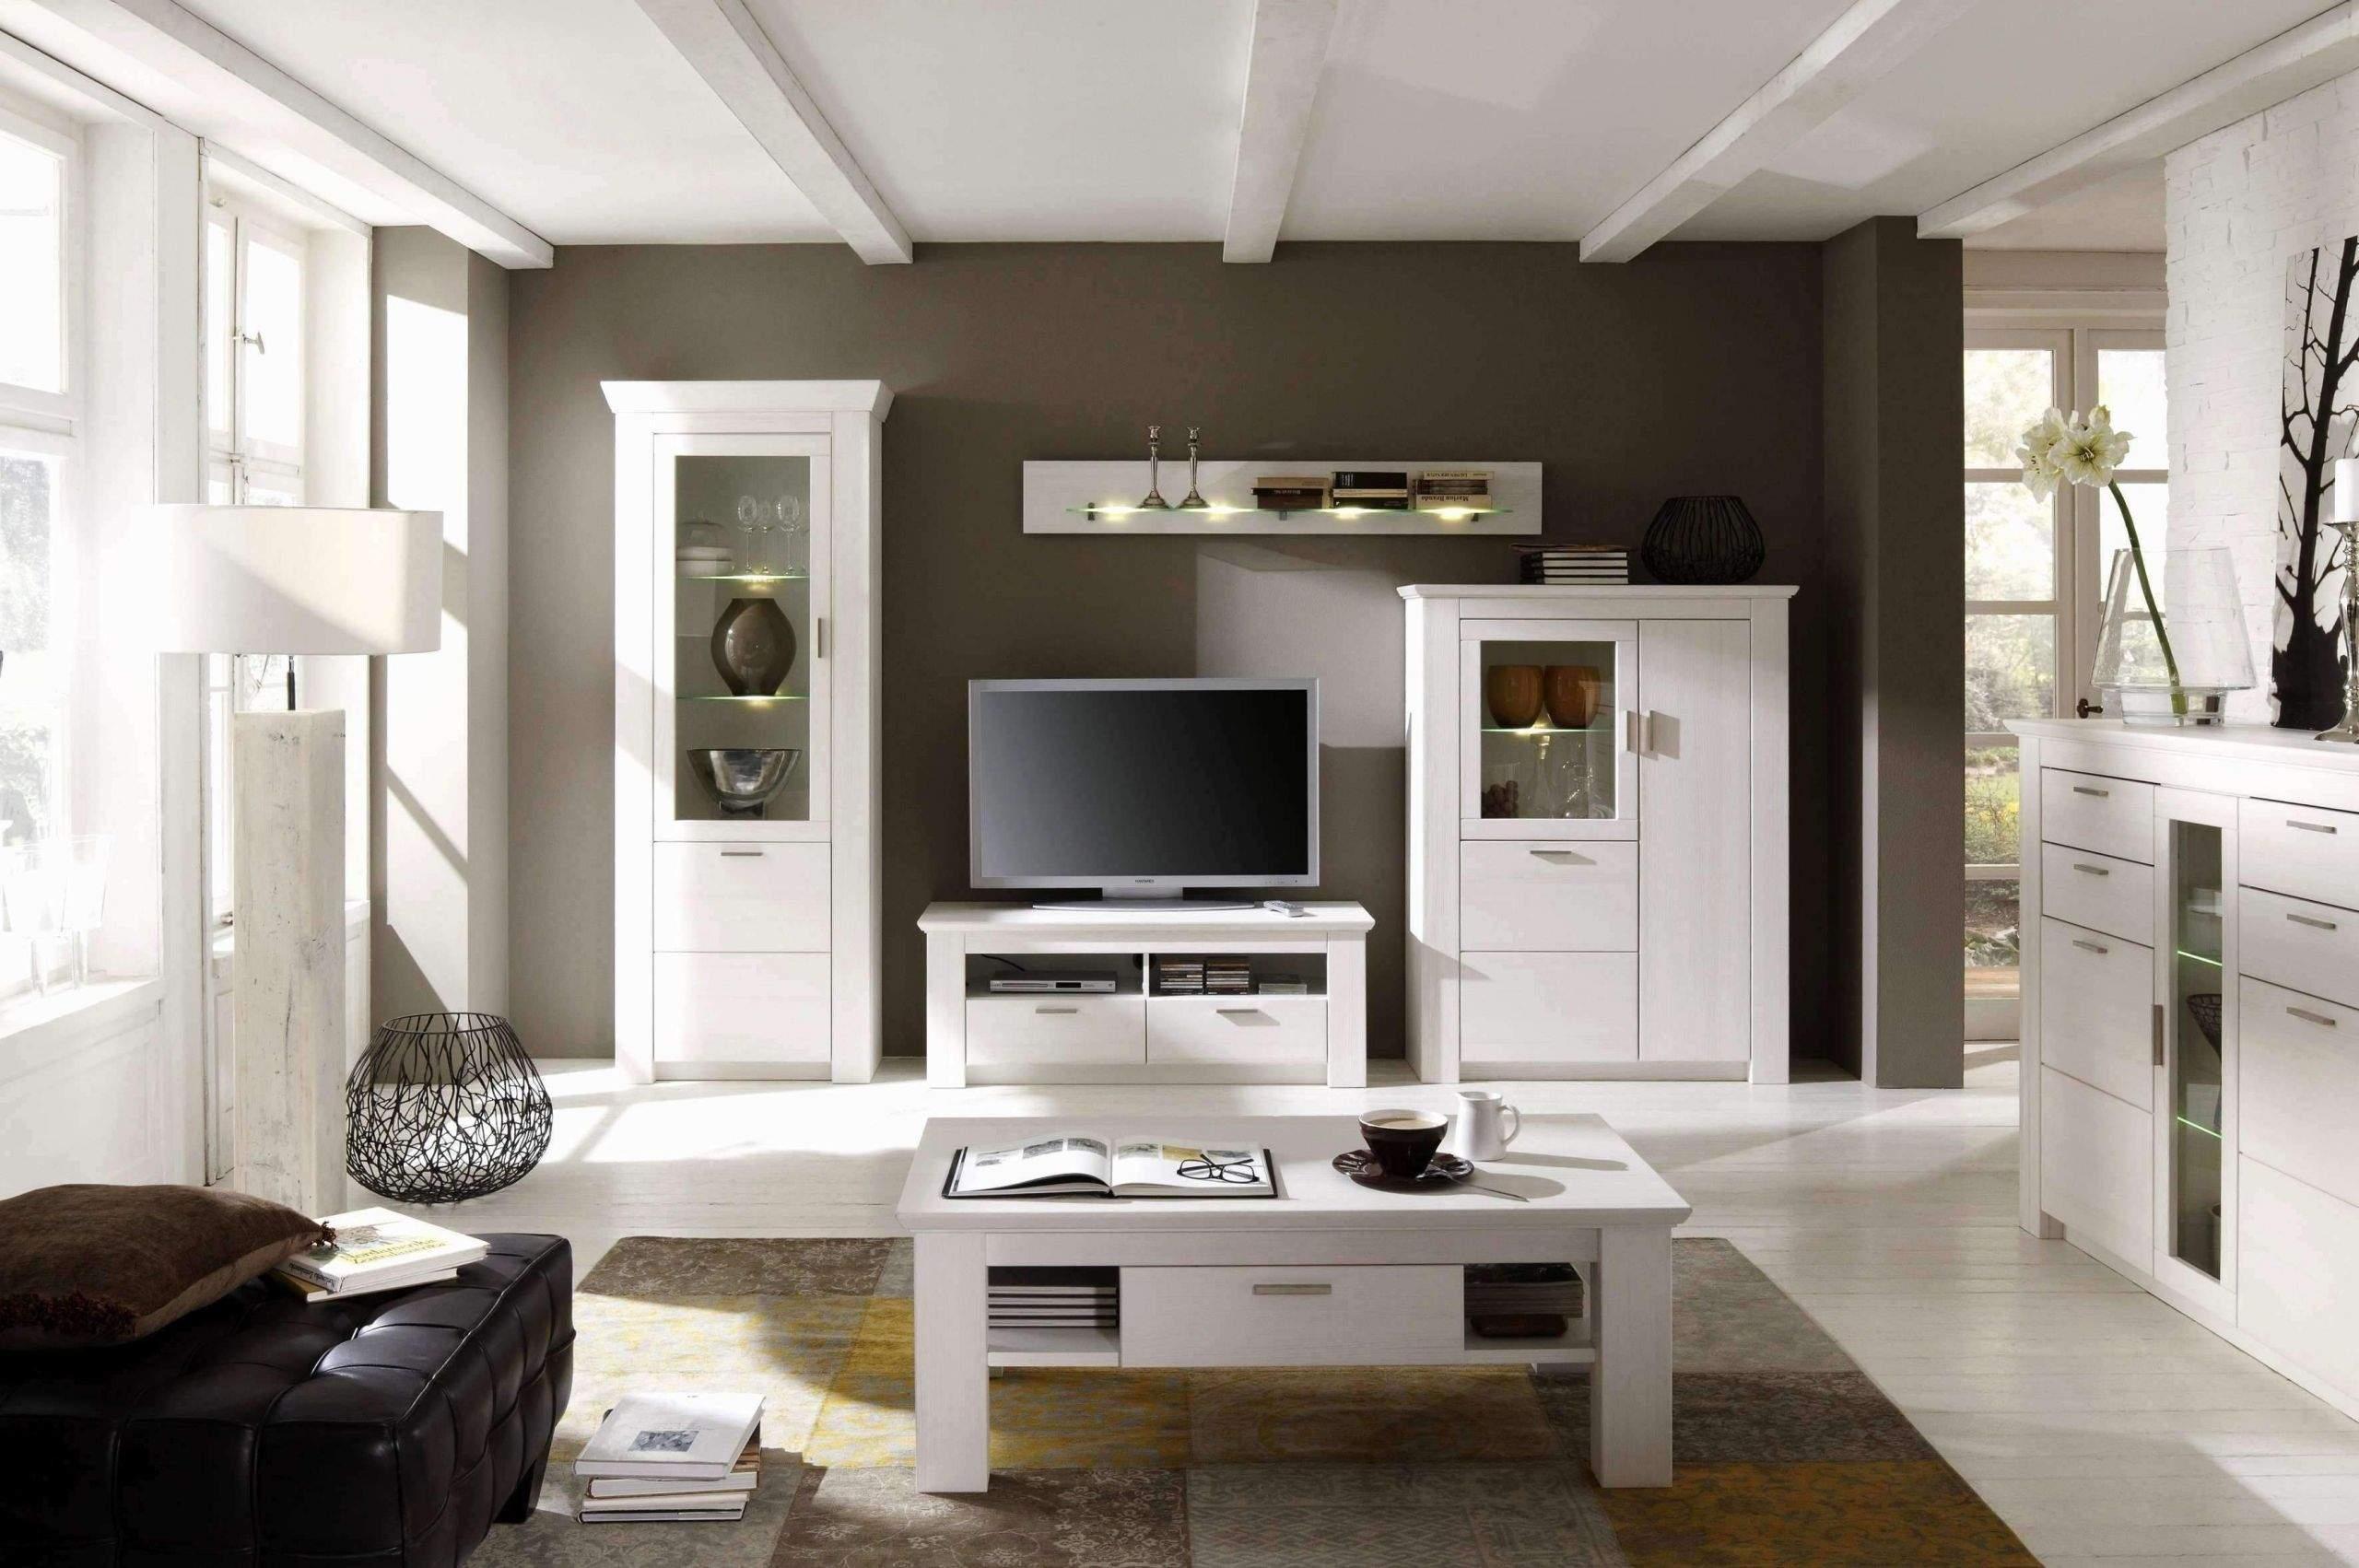 regal wohnzimmer elegant wohnzimmer regale design reizend luxury regal metall of regal wohnzimmer scaled